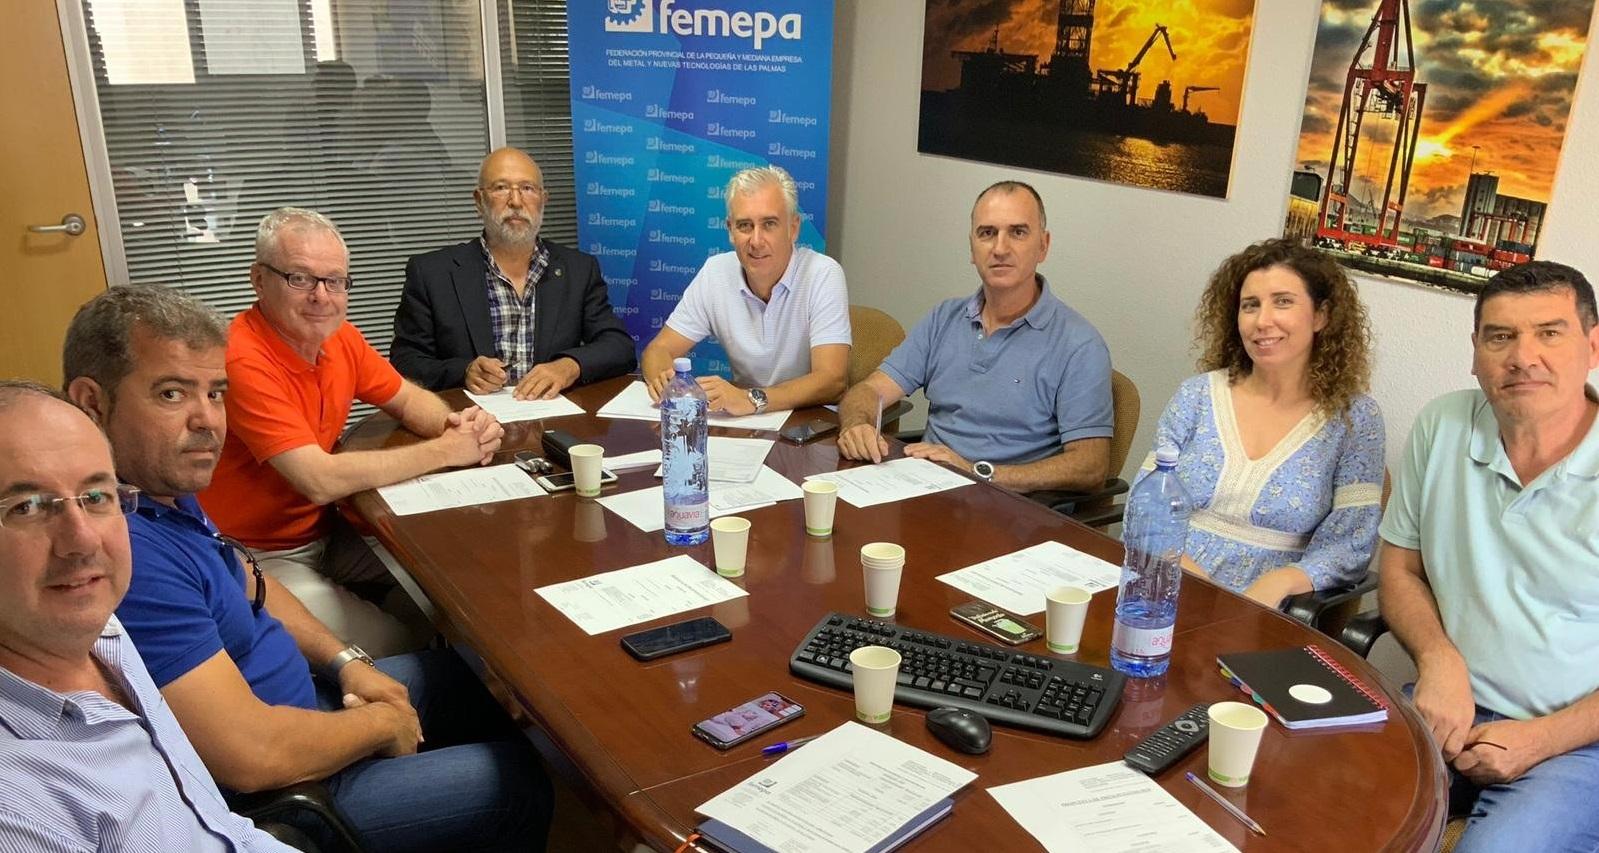 ASCI aprueba sus cuentas de 2018 y propone un taller de formación en Femepa